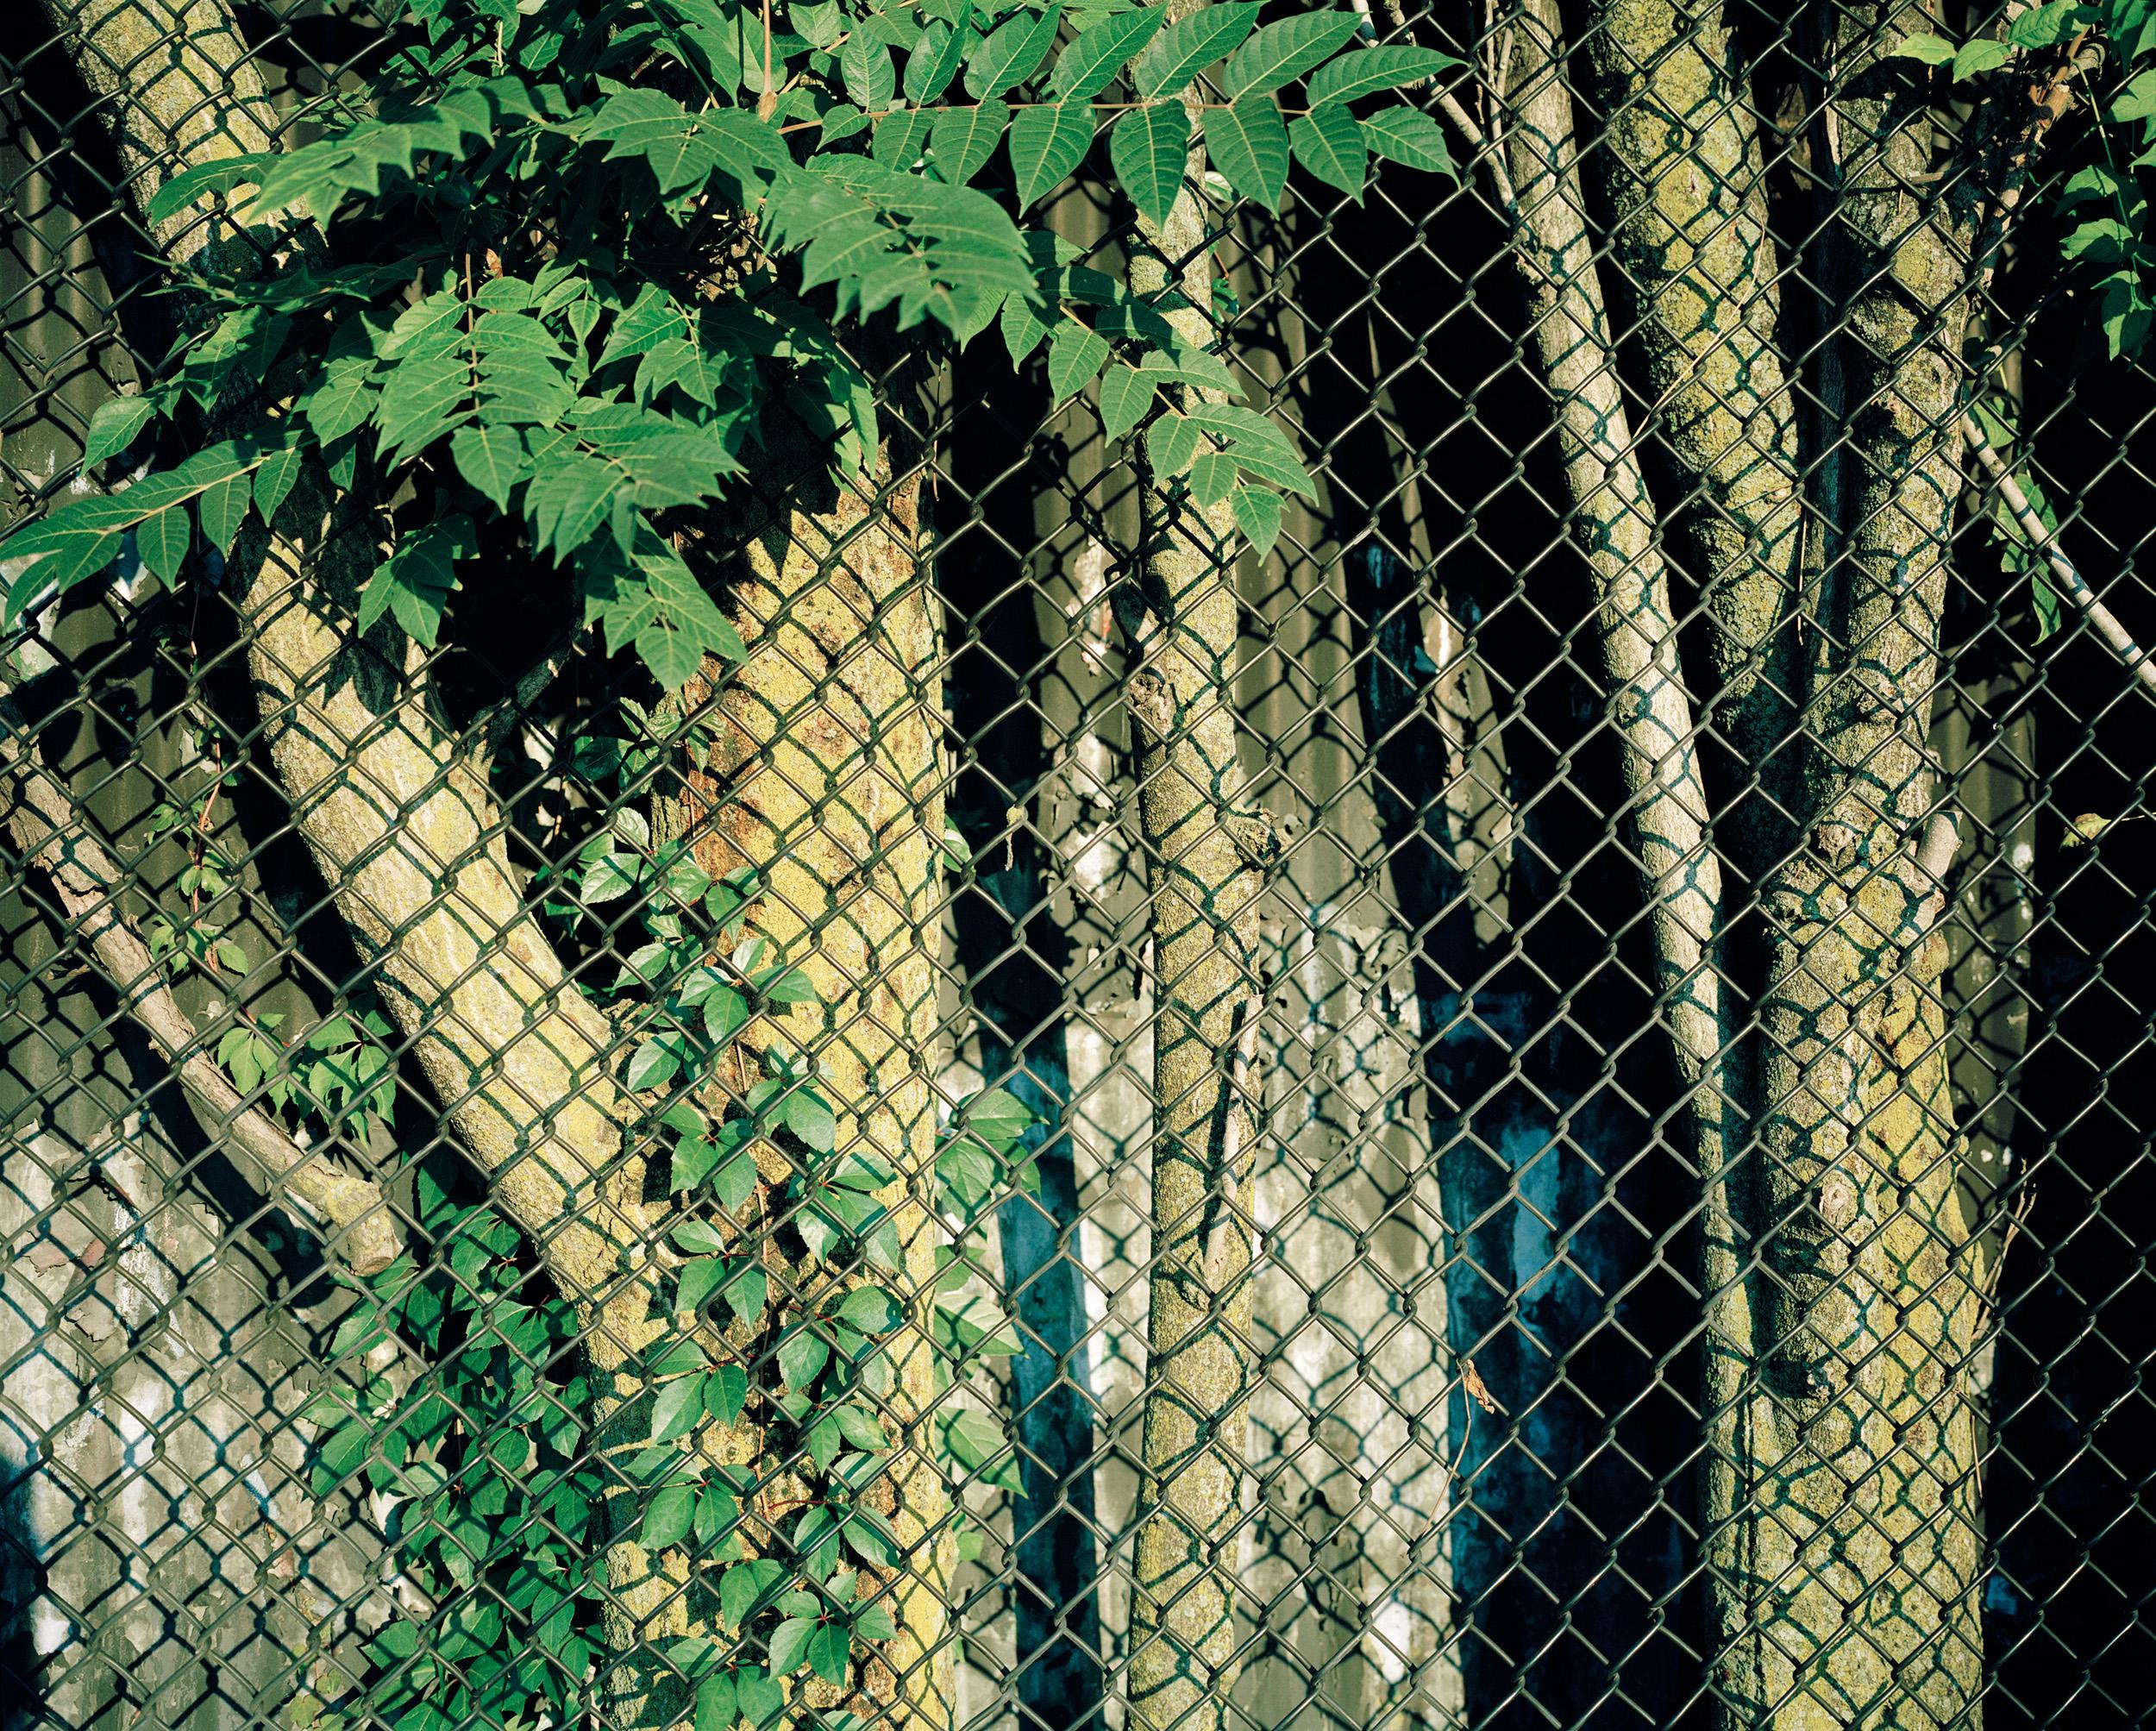 07_08tree_behind_fence.jpg